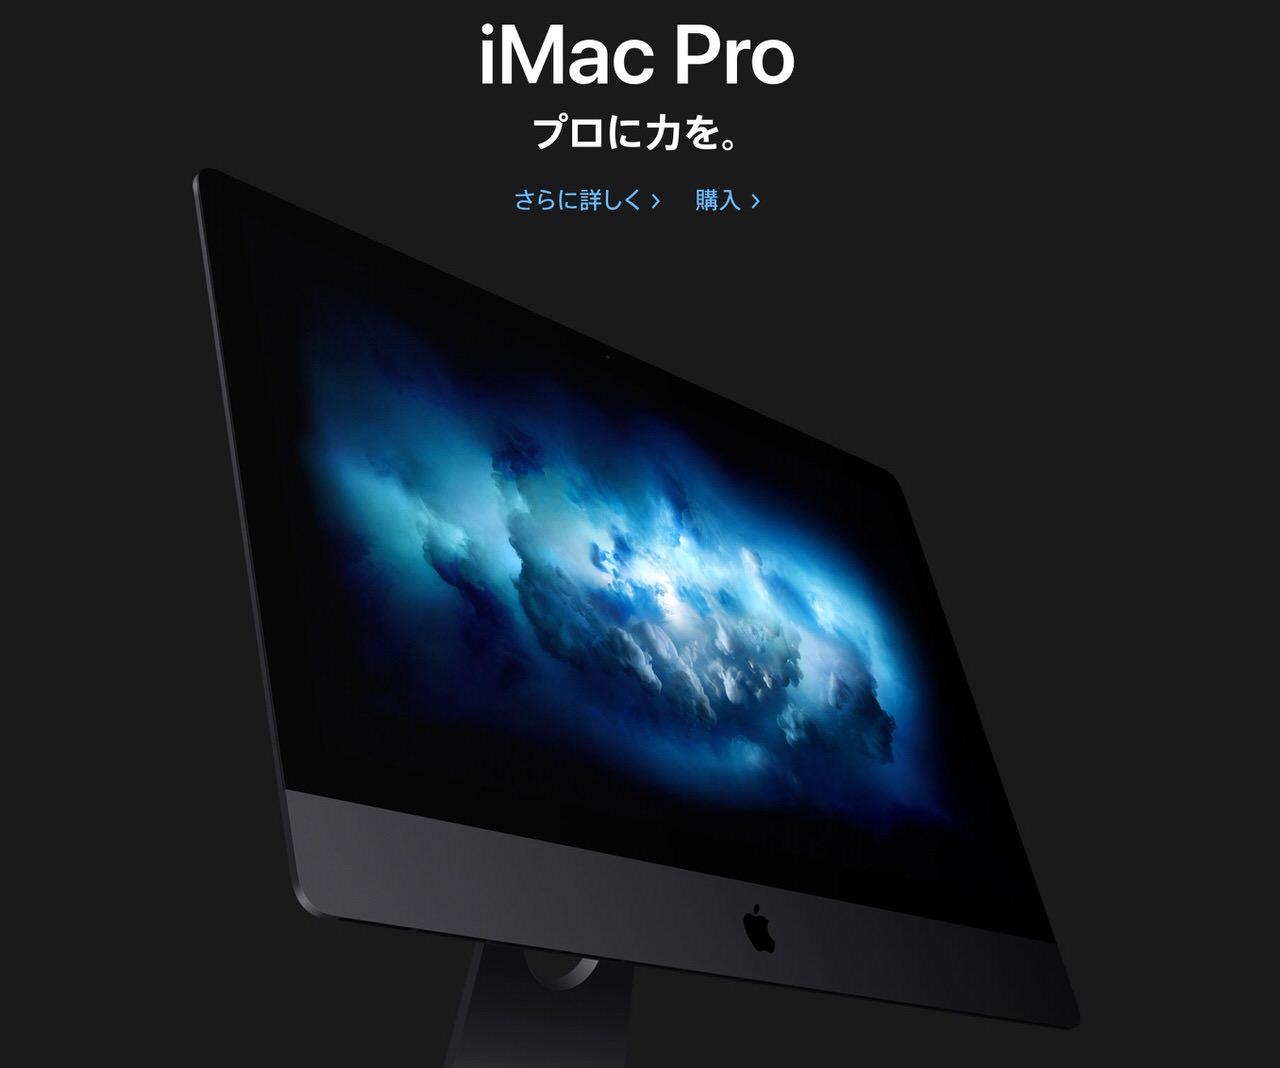 「iMac Pro」ワークステーションクラスの性能のプロ向けiMac 〜価格は558,800円から